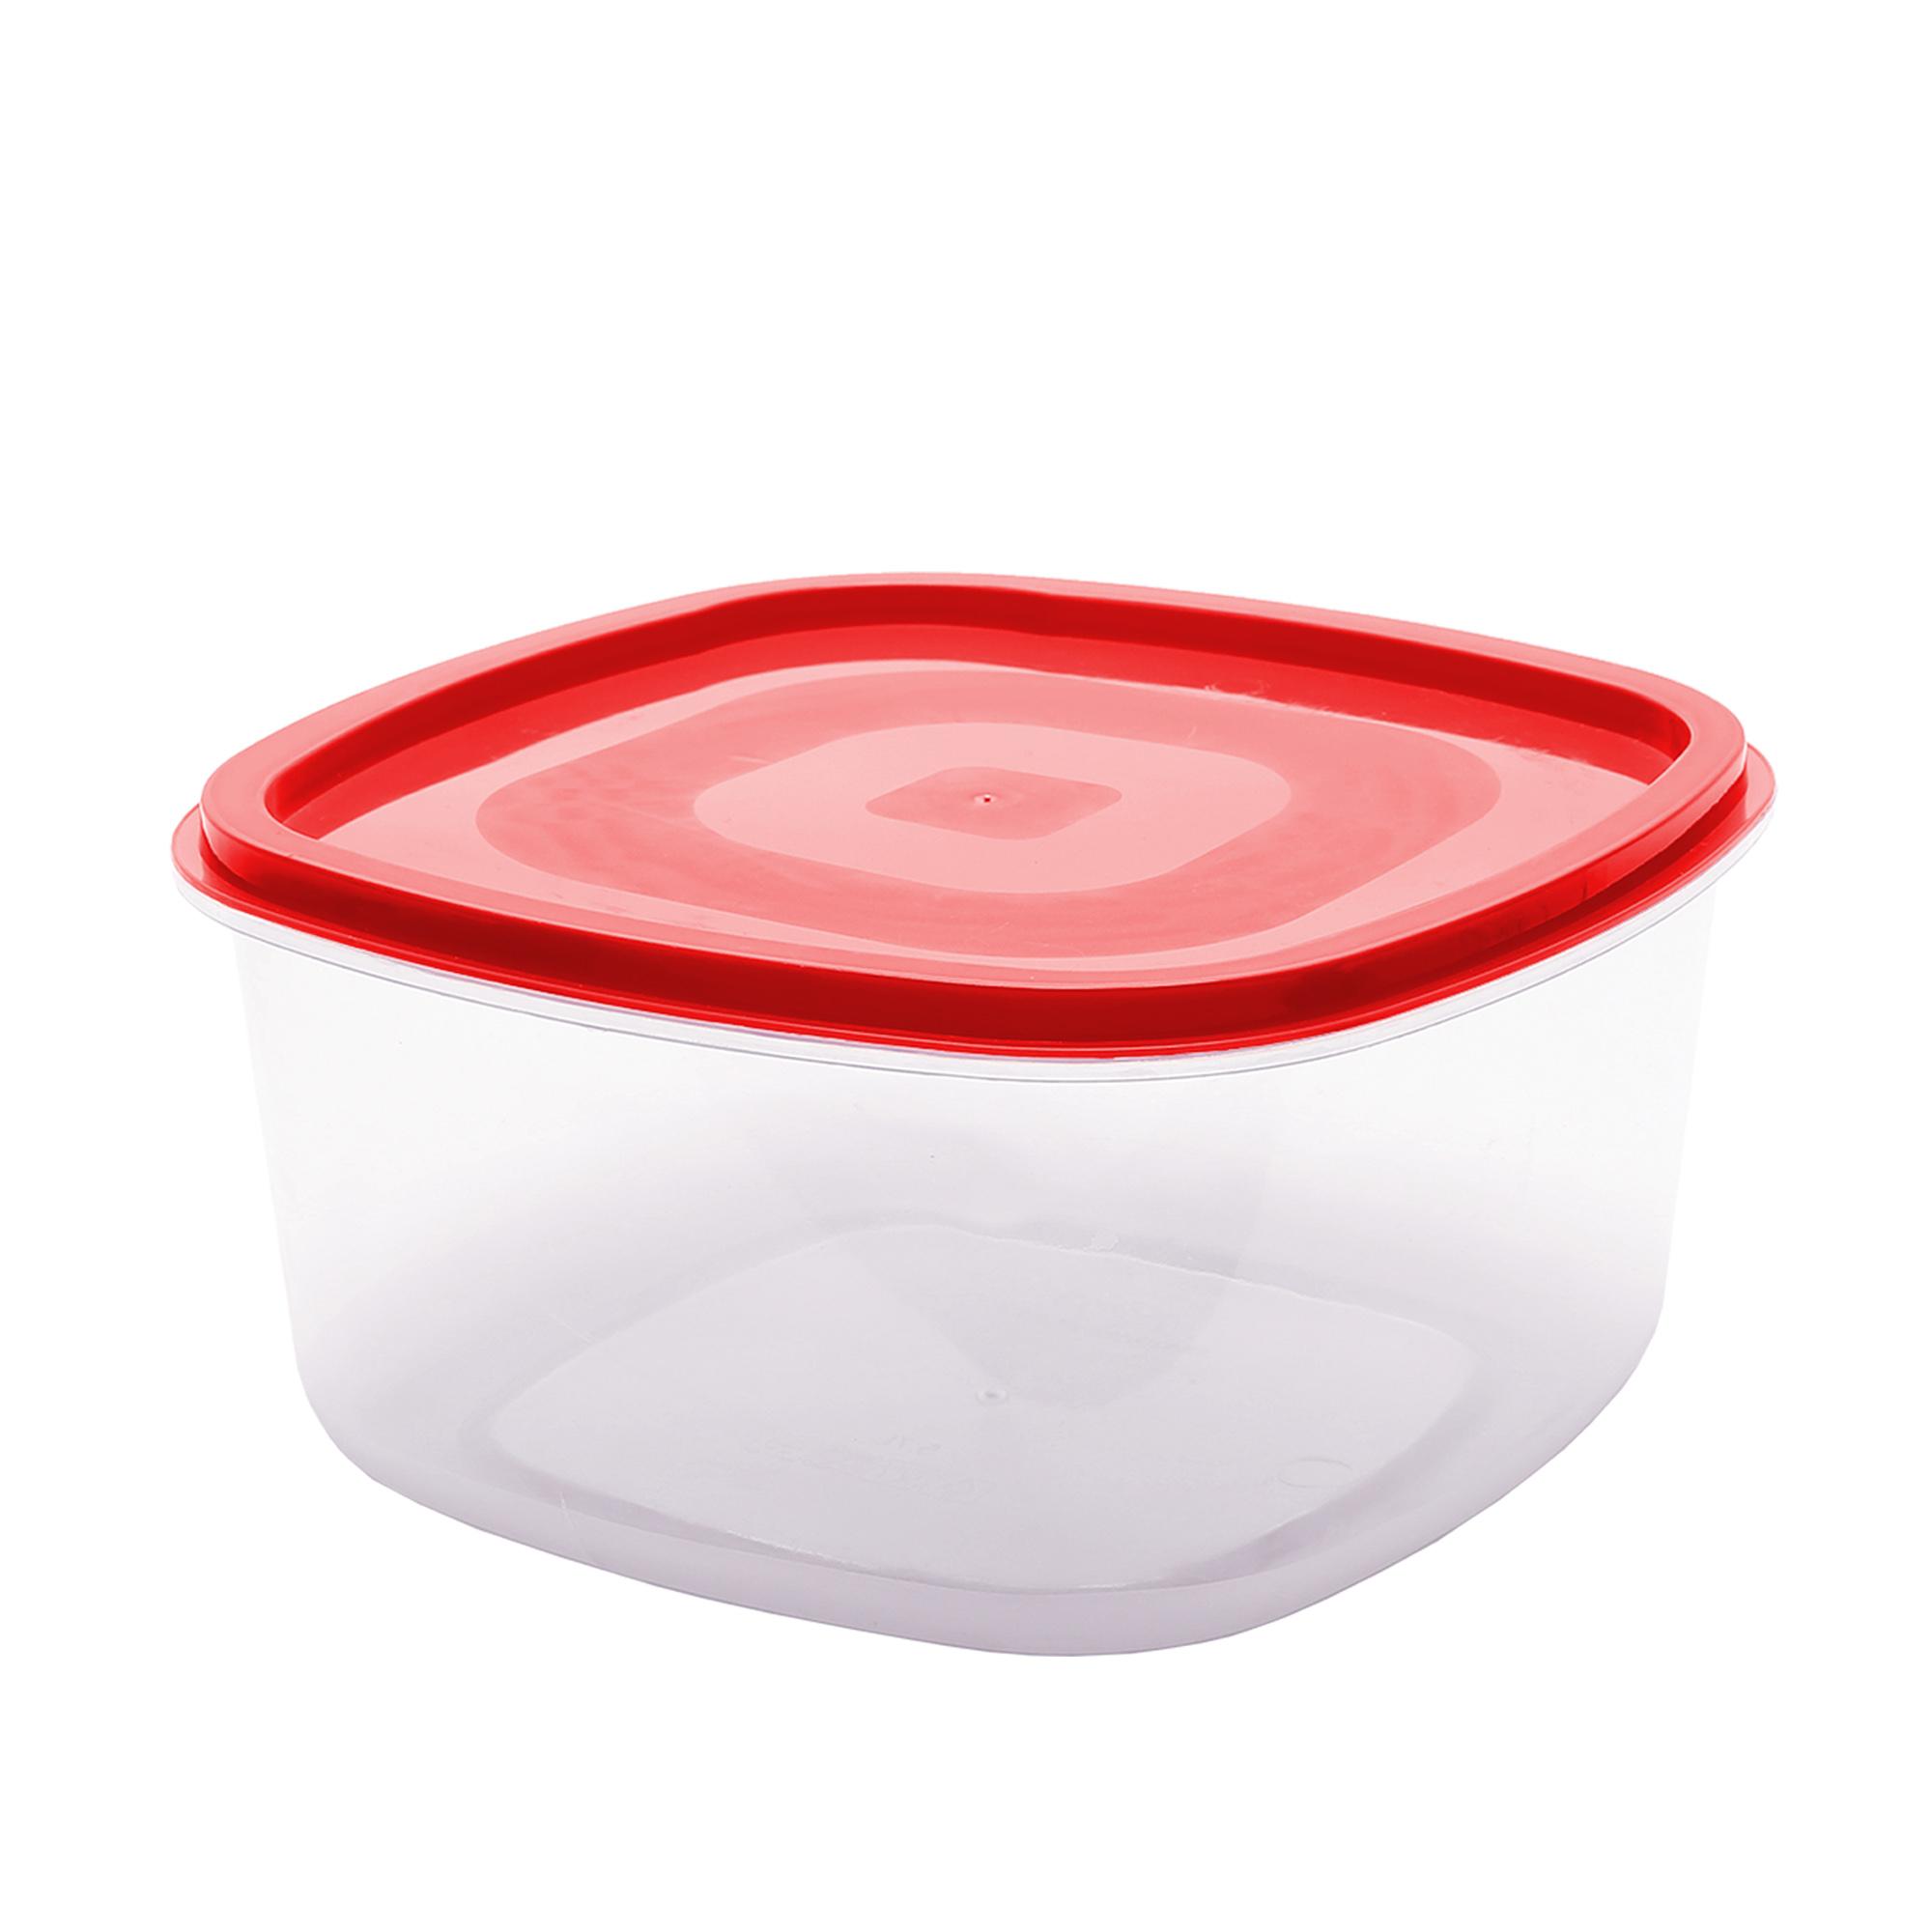 Pote Quadrado Liso 1.2 L - Vermelho